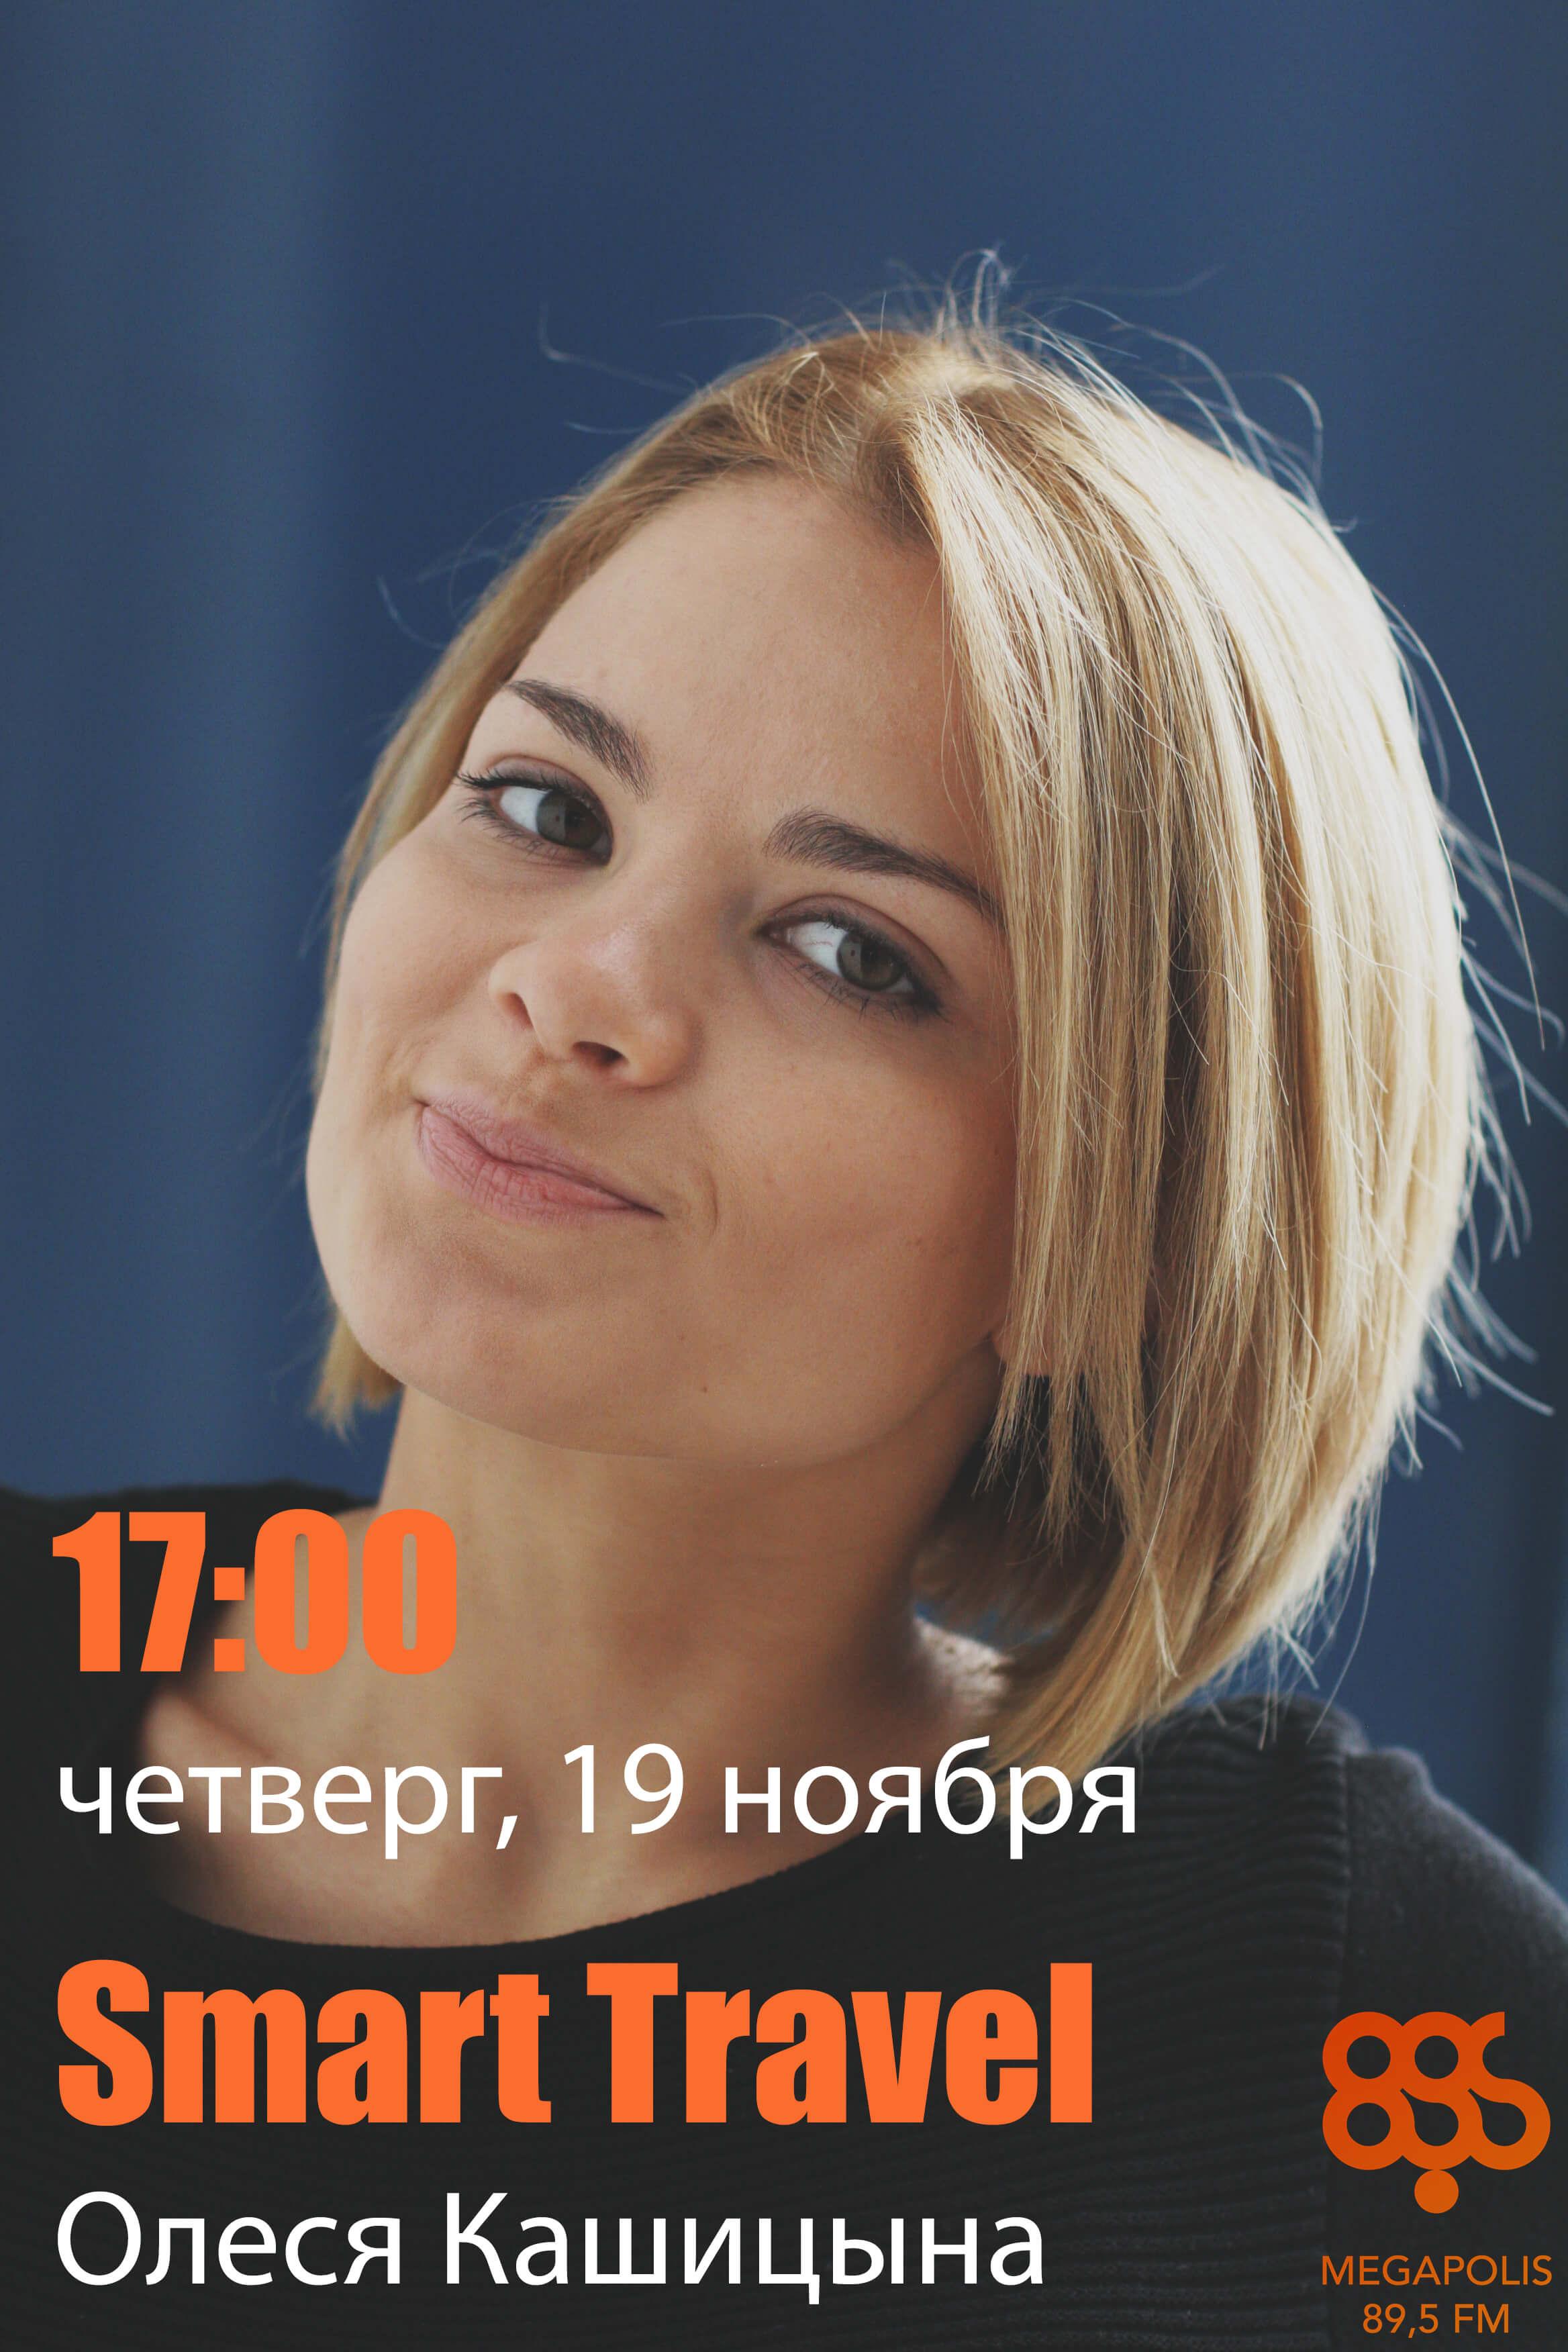 Олеся Кашицына в эфире MEGAPOLIS FM